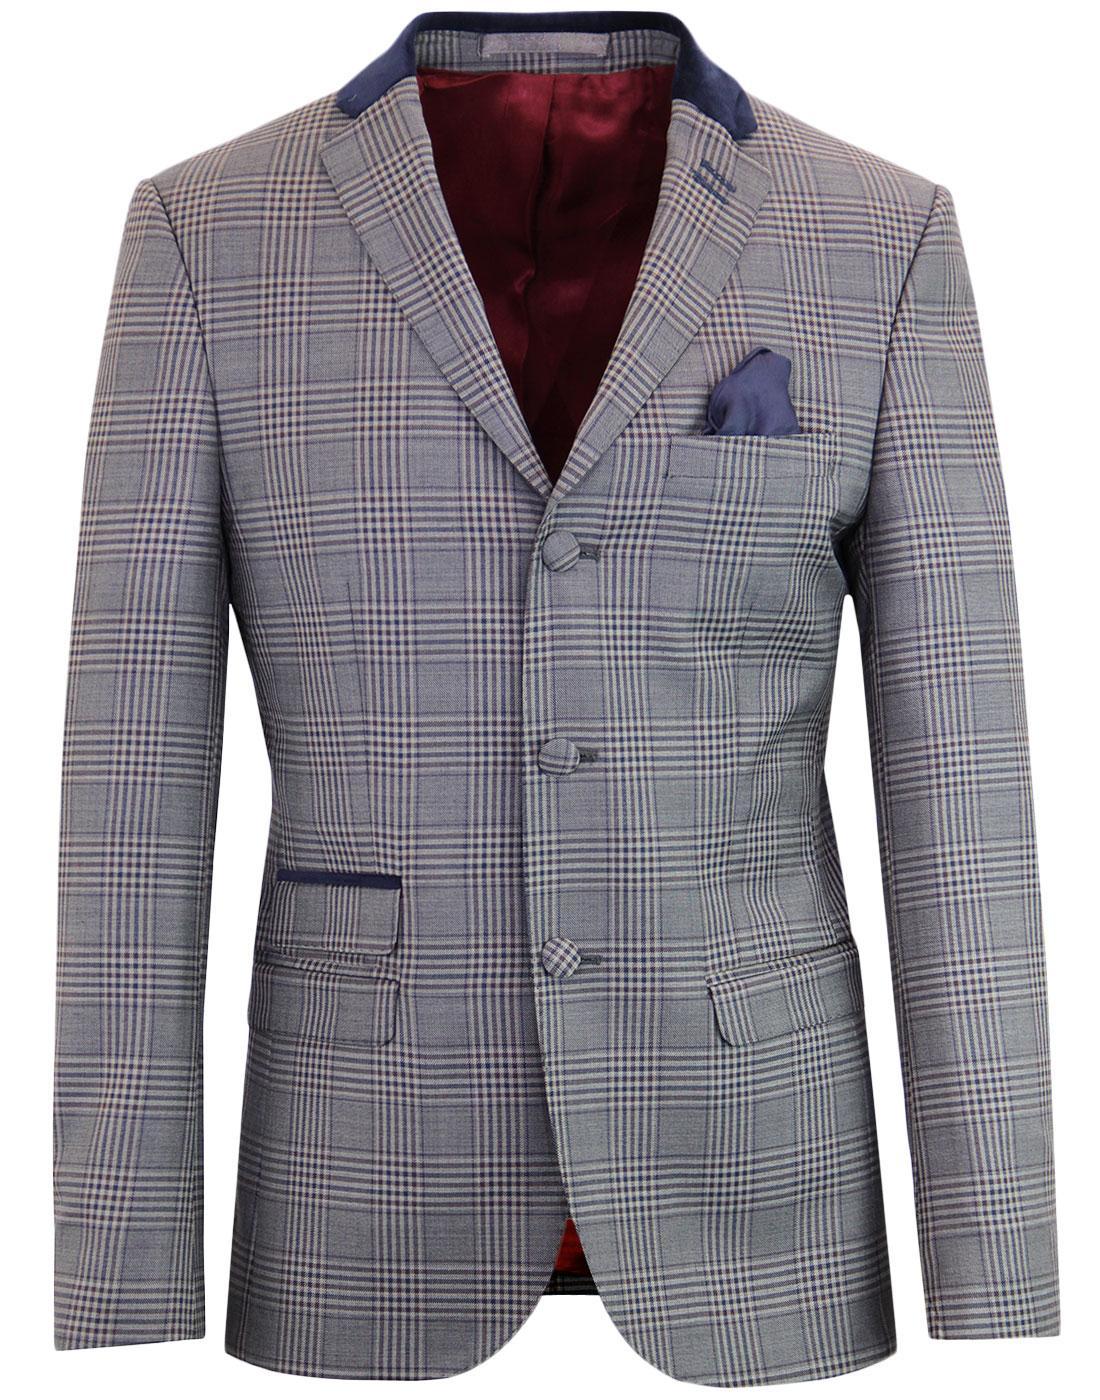 madcap england pow check mod velvet collar blazer